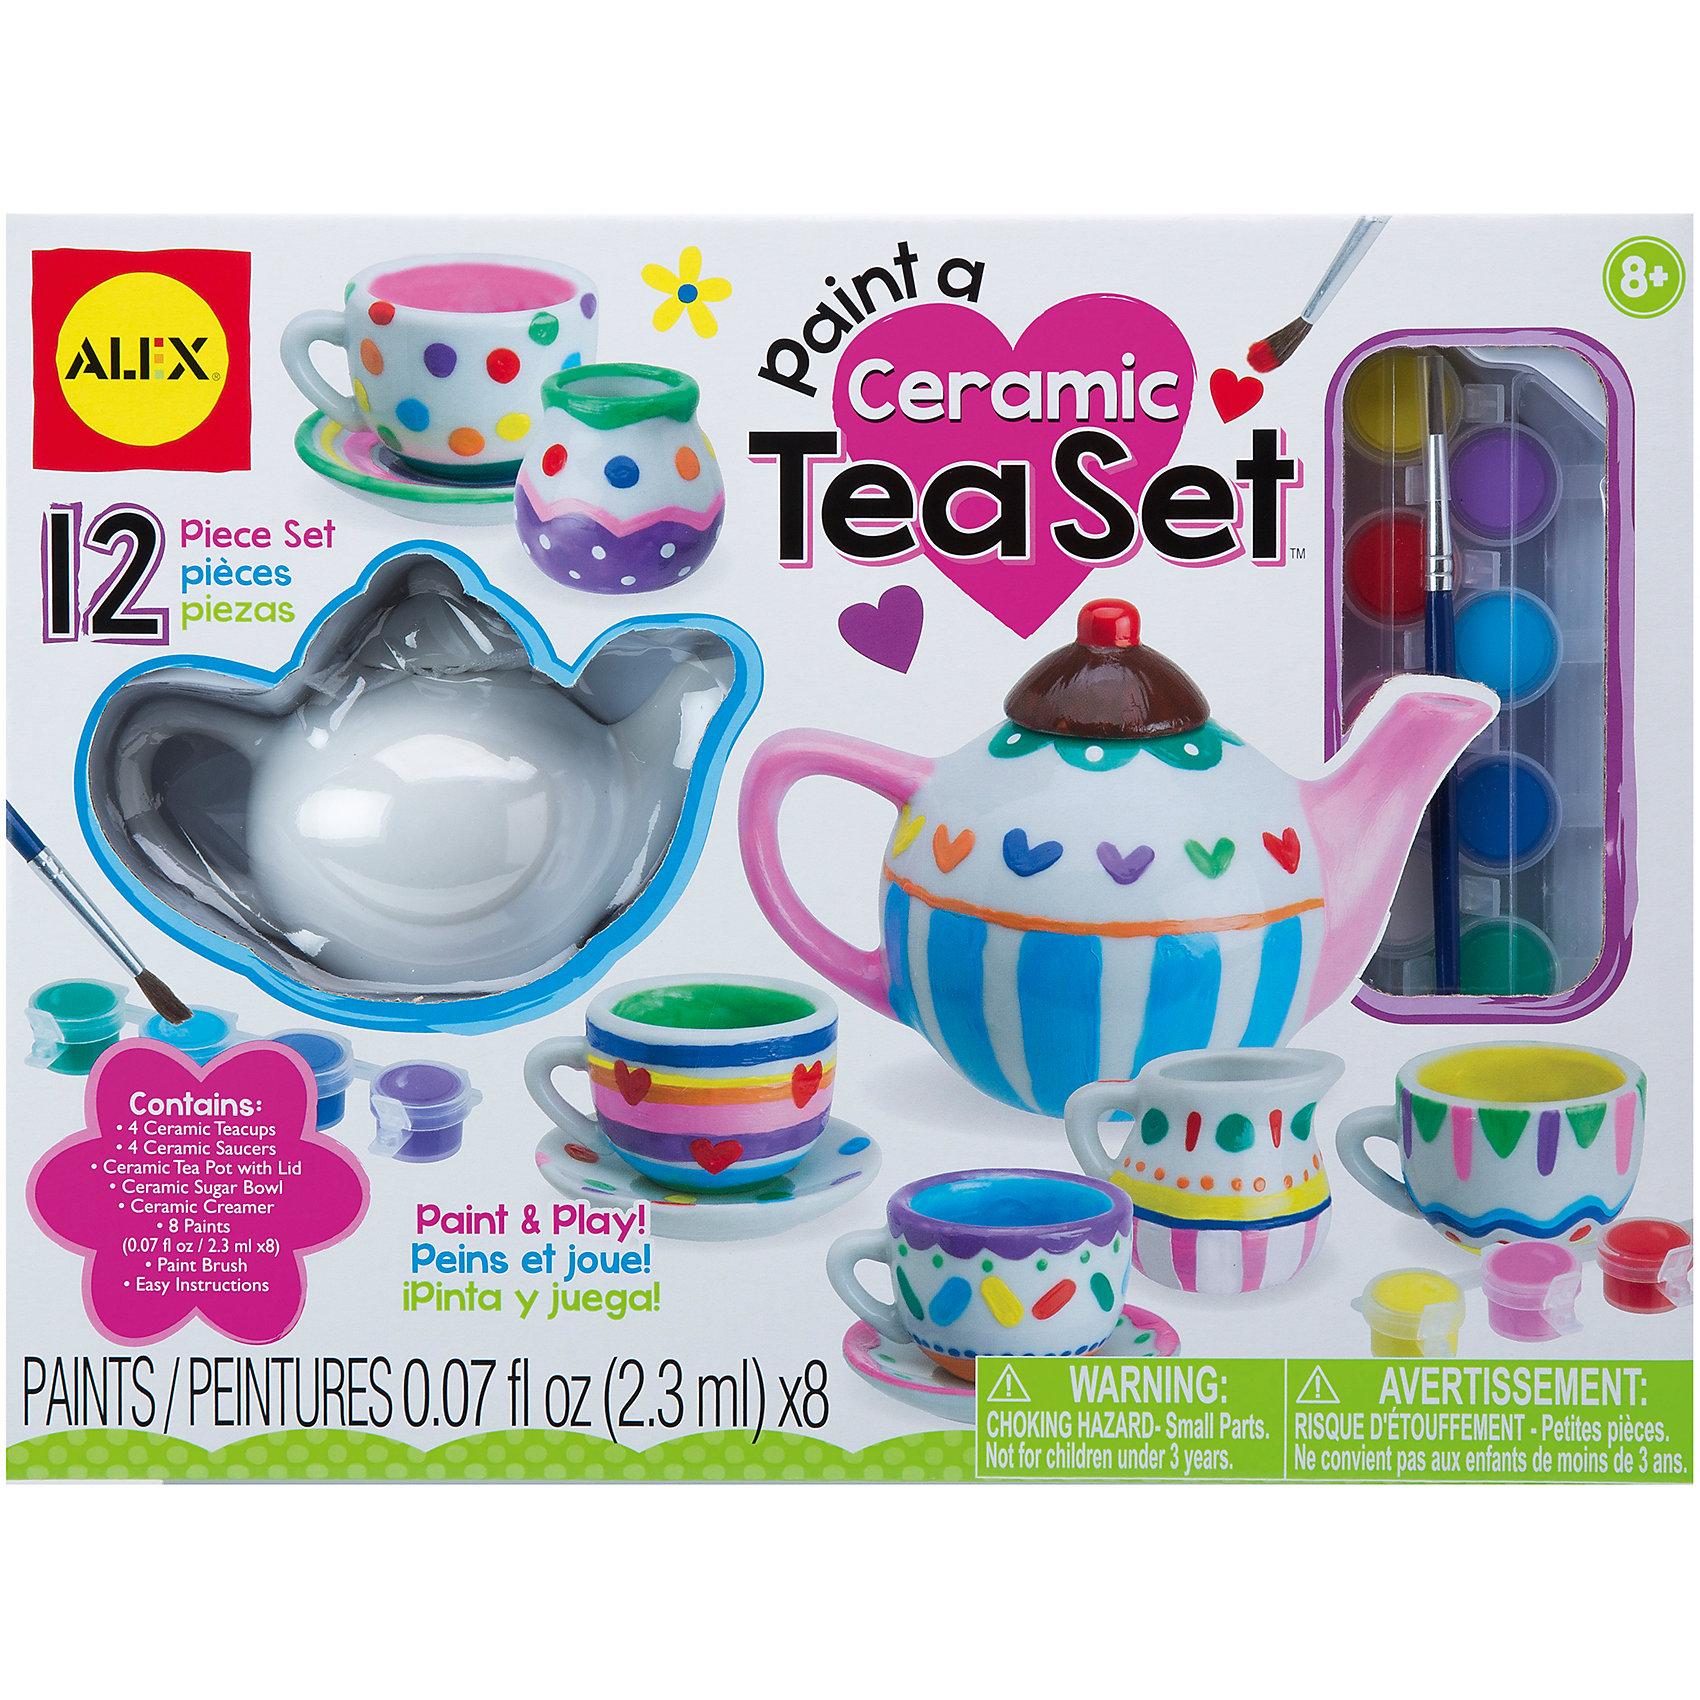 Набор Распиши фарфоровый сервизРаспиши фарфоровый сервиз по своему собственному дизайну. Закрепи роспись, прокалив сервиз в духовке и приглашай друзей на веселое чаепитие. <br><br>Дополнительная информация:<br><br>Состав набора: чайник, Молочник, вазочка, чайные чашки (4шт), блюдца ( 4шт), разноцветные краски по фарфору (8 цветов), кисточка, инструкция.<br><br>Набор Распиши фарфоровый сервиз от АЛЕКС можно купить в нашем магазине.<br><br>Ширина мм: 305<br>Глубина мм: 230<br>Высота мм: 76<br>Вес г: 1814<br>Возраст от месяцев: 96<br>Возраст до месяцев: 168<br>Пол: Унисекс<br>Возраст: Детский<br>SKU: 4176252